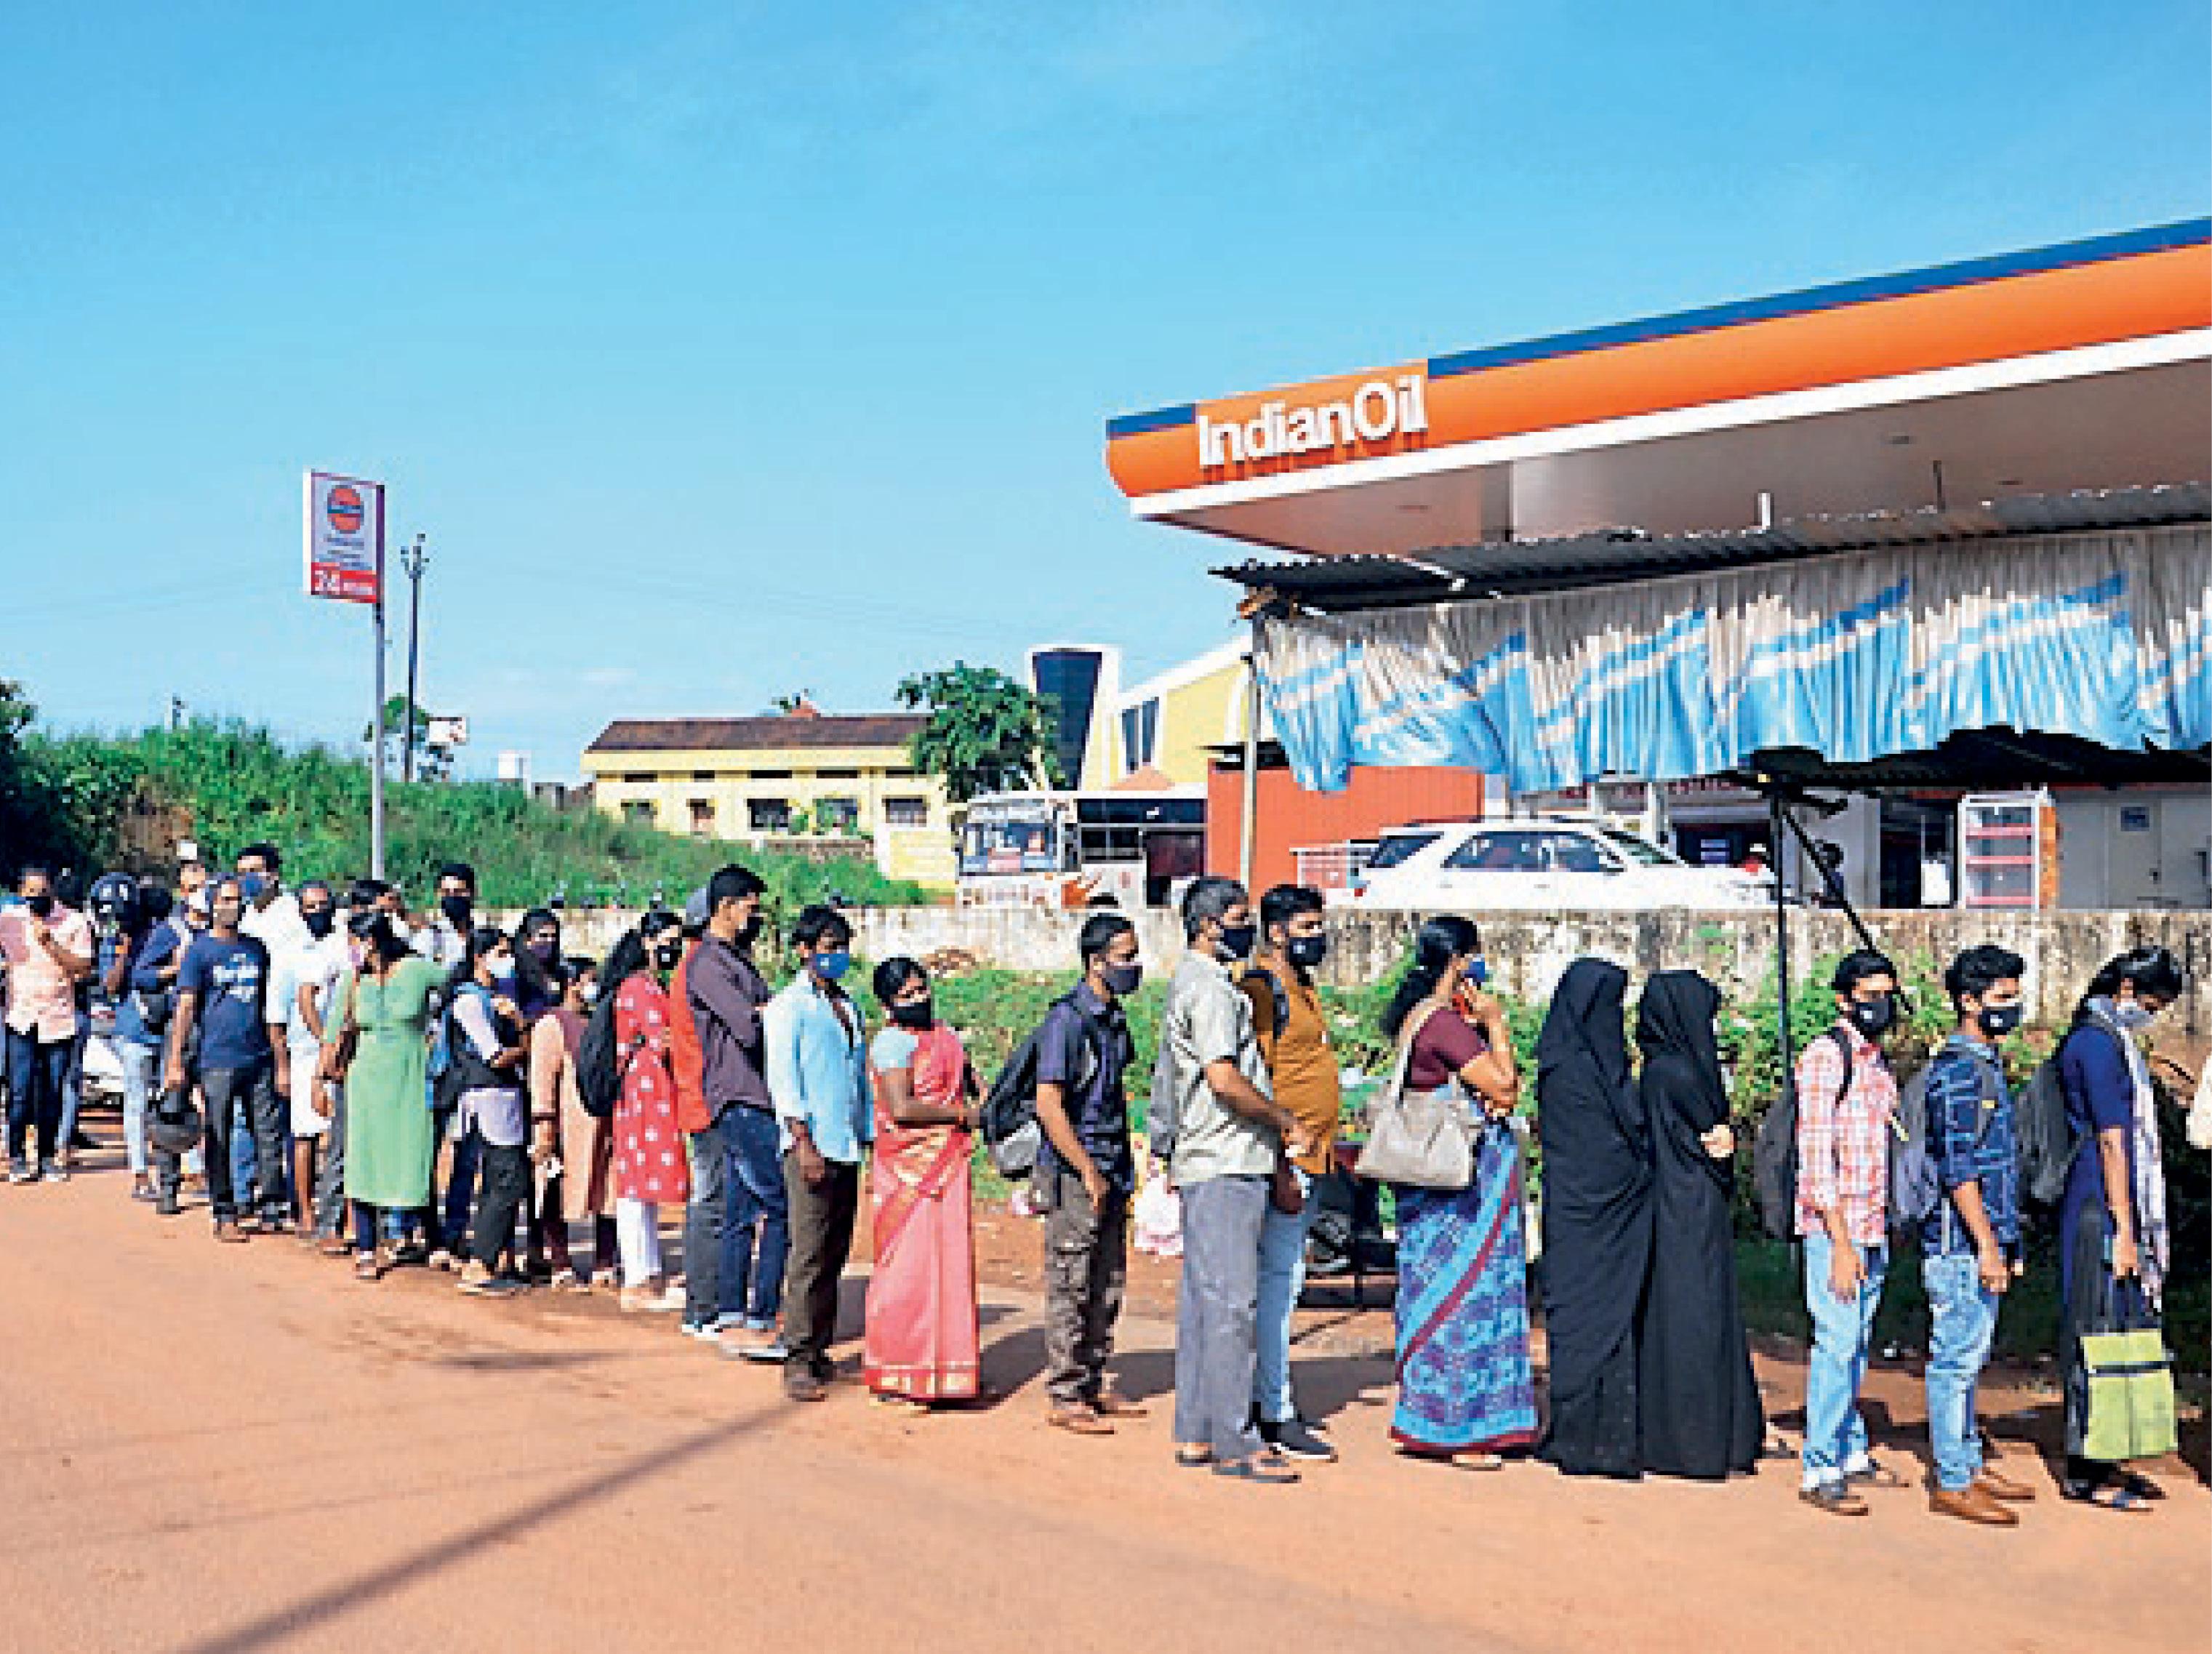 निगेटिव रिपोर्ट नहीं थी, कर्नाटक ने केरल से आने वालों को लौटाया; केरल में संक्रमण दर 10% से अधिक, इसलिए पड़ोसी राज्यों में सख्ती|देश,National - Dainik Bhaskar